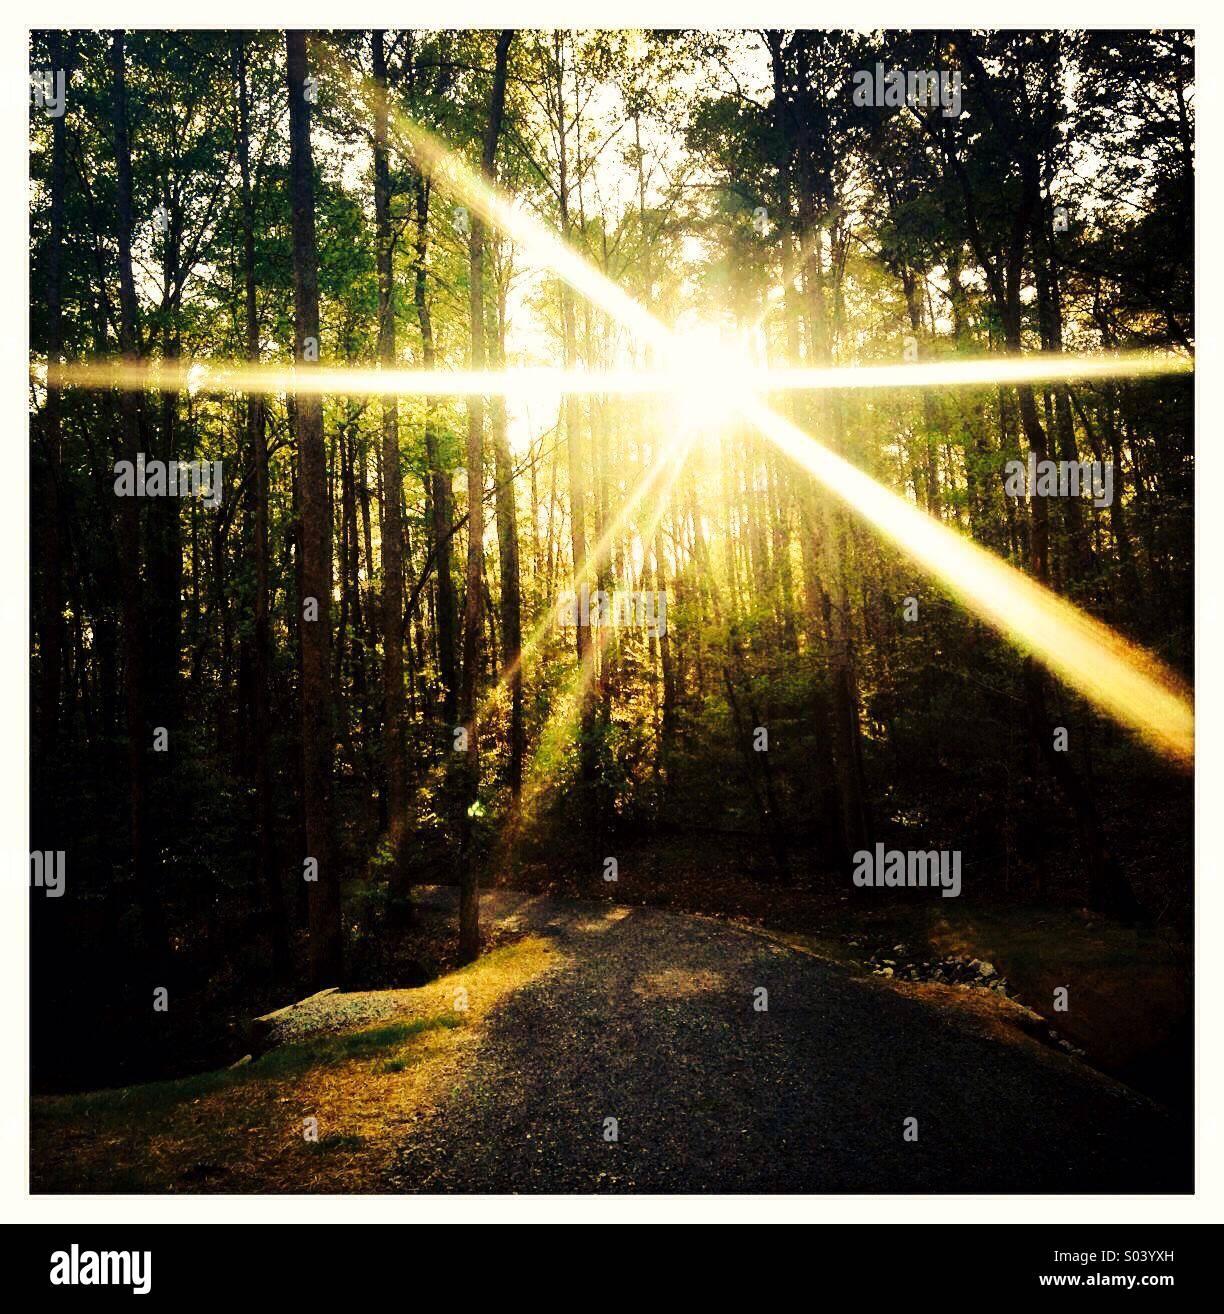 La luce del sole proveniente attraverso gli alberi nei boschi Immagini Stock